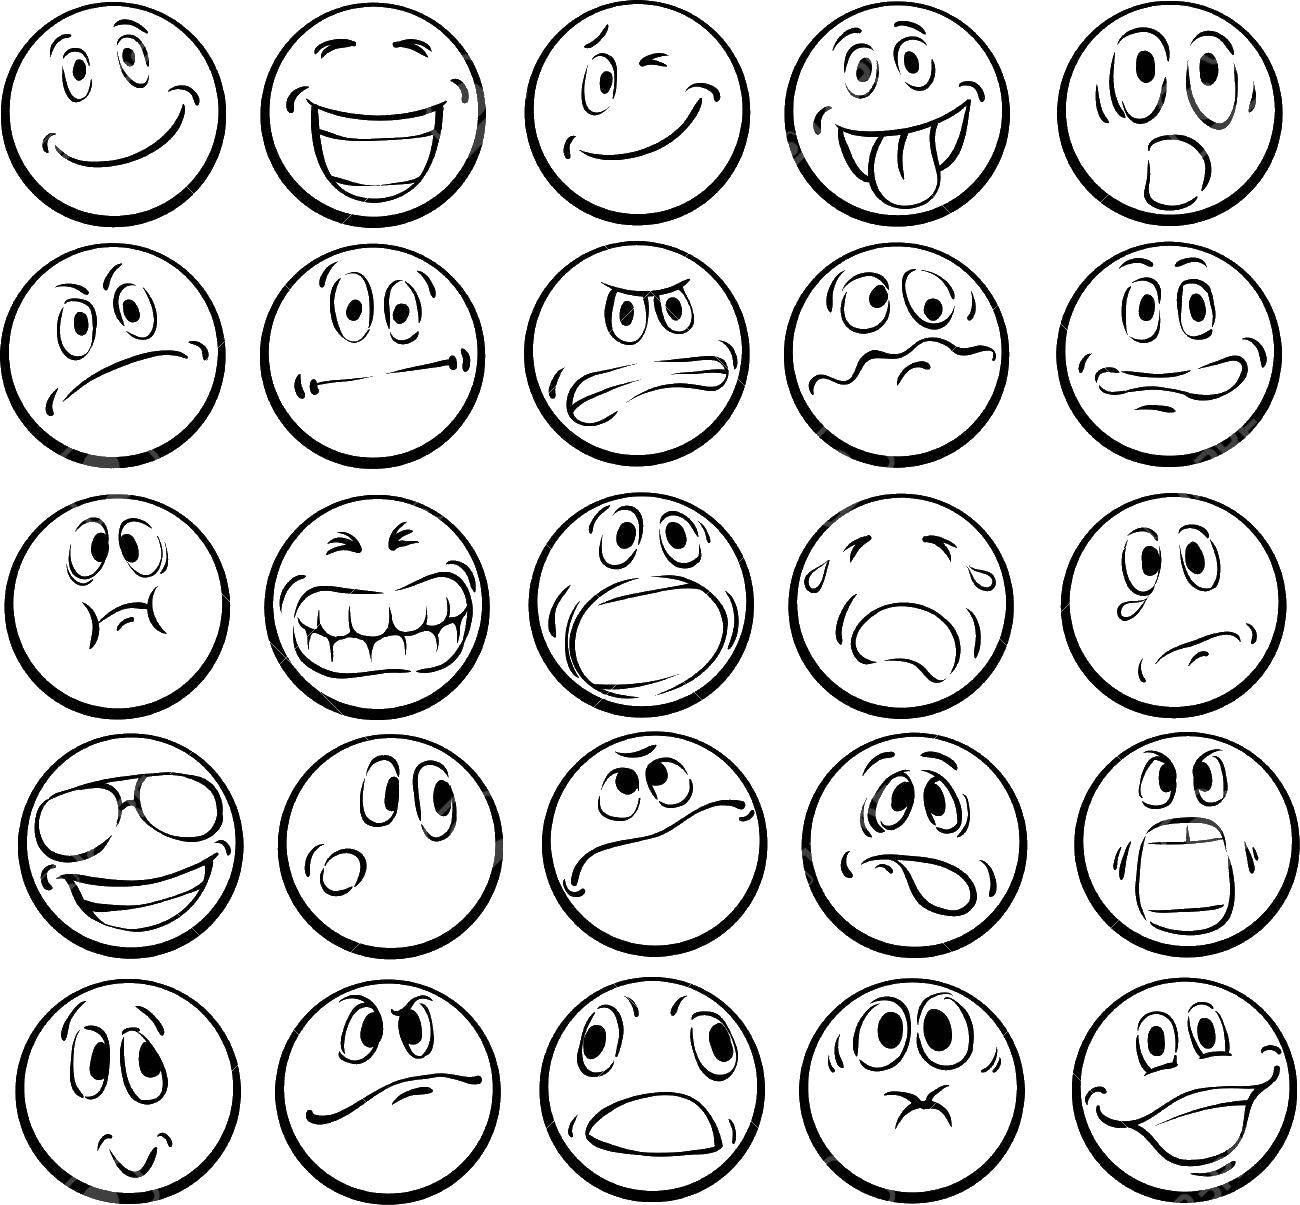 Coloring pages Emotions Скачать .  Распечатать